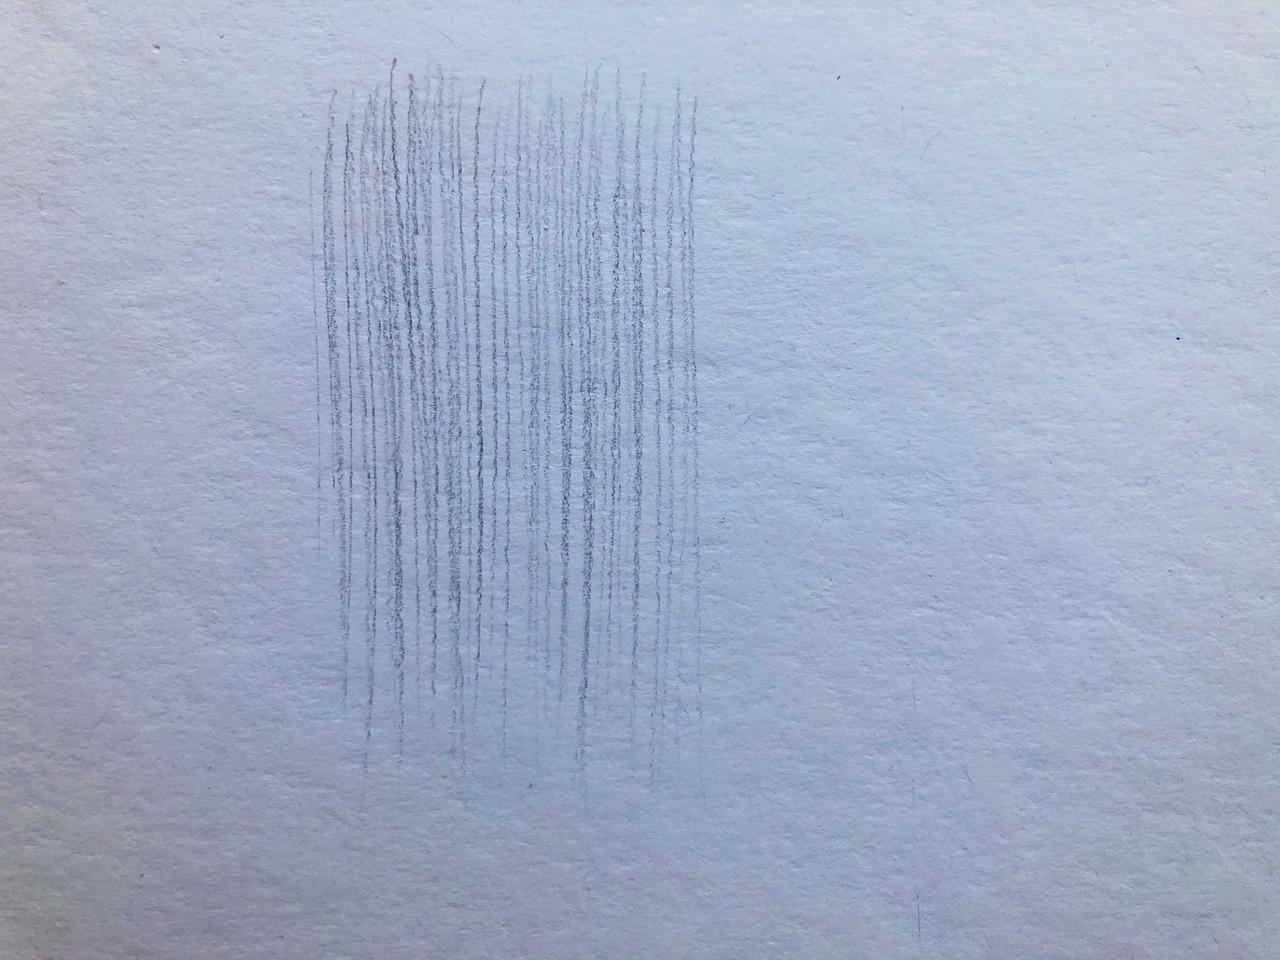 Виды штриховок в рисунке - параллельная штриховка - фото